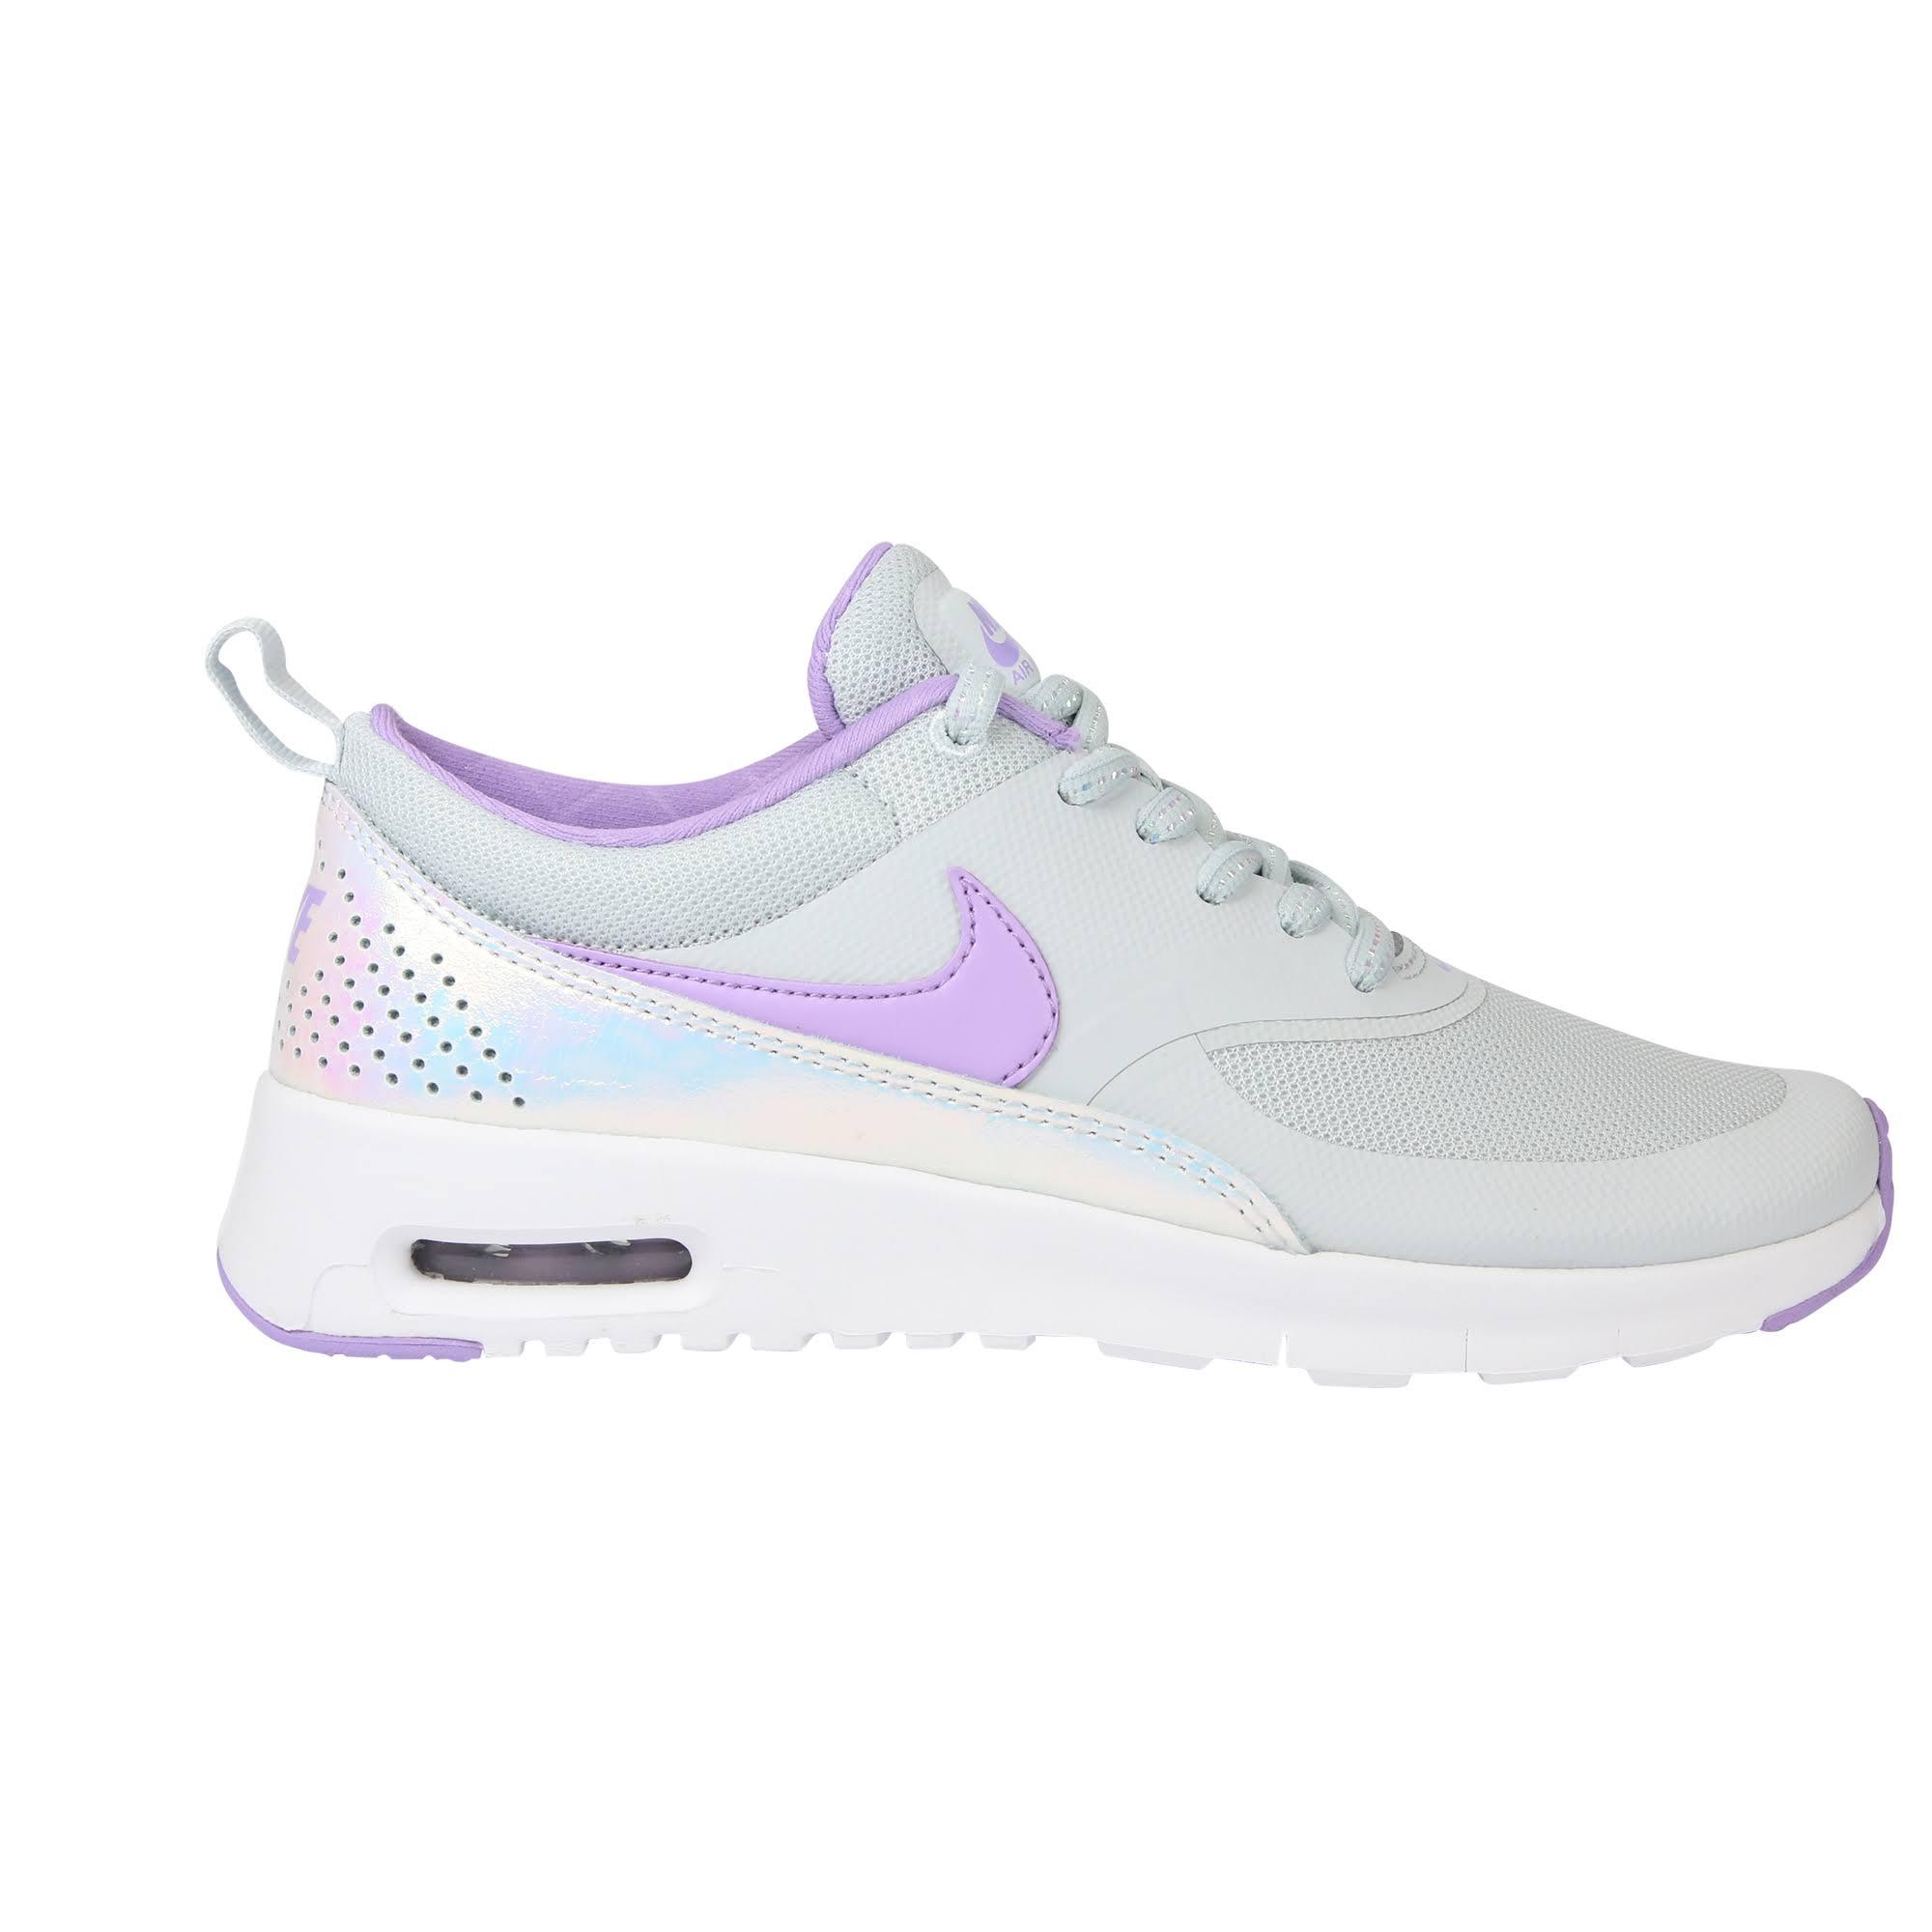 F004 Air Platinum Sneaker Lilac Max Lila Kids Nike Thea Grau Urban Silber Se pure Pw81dqAxq